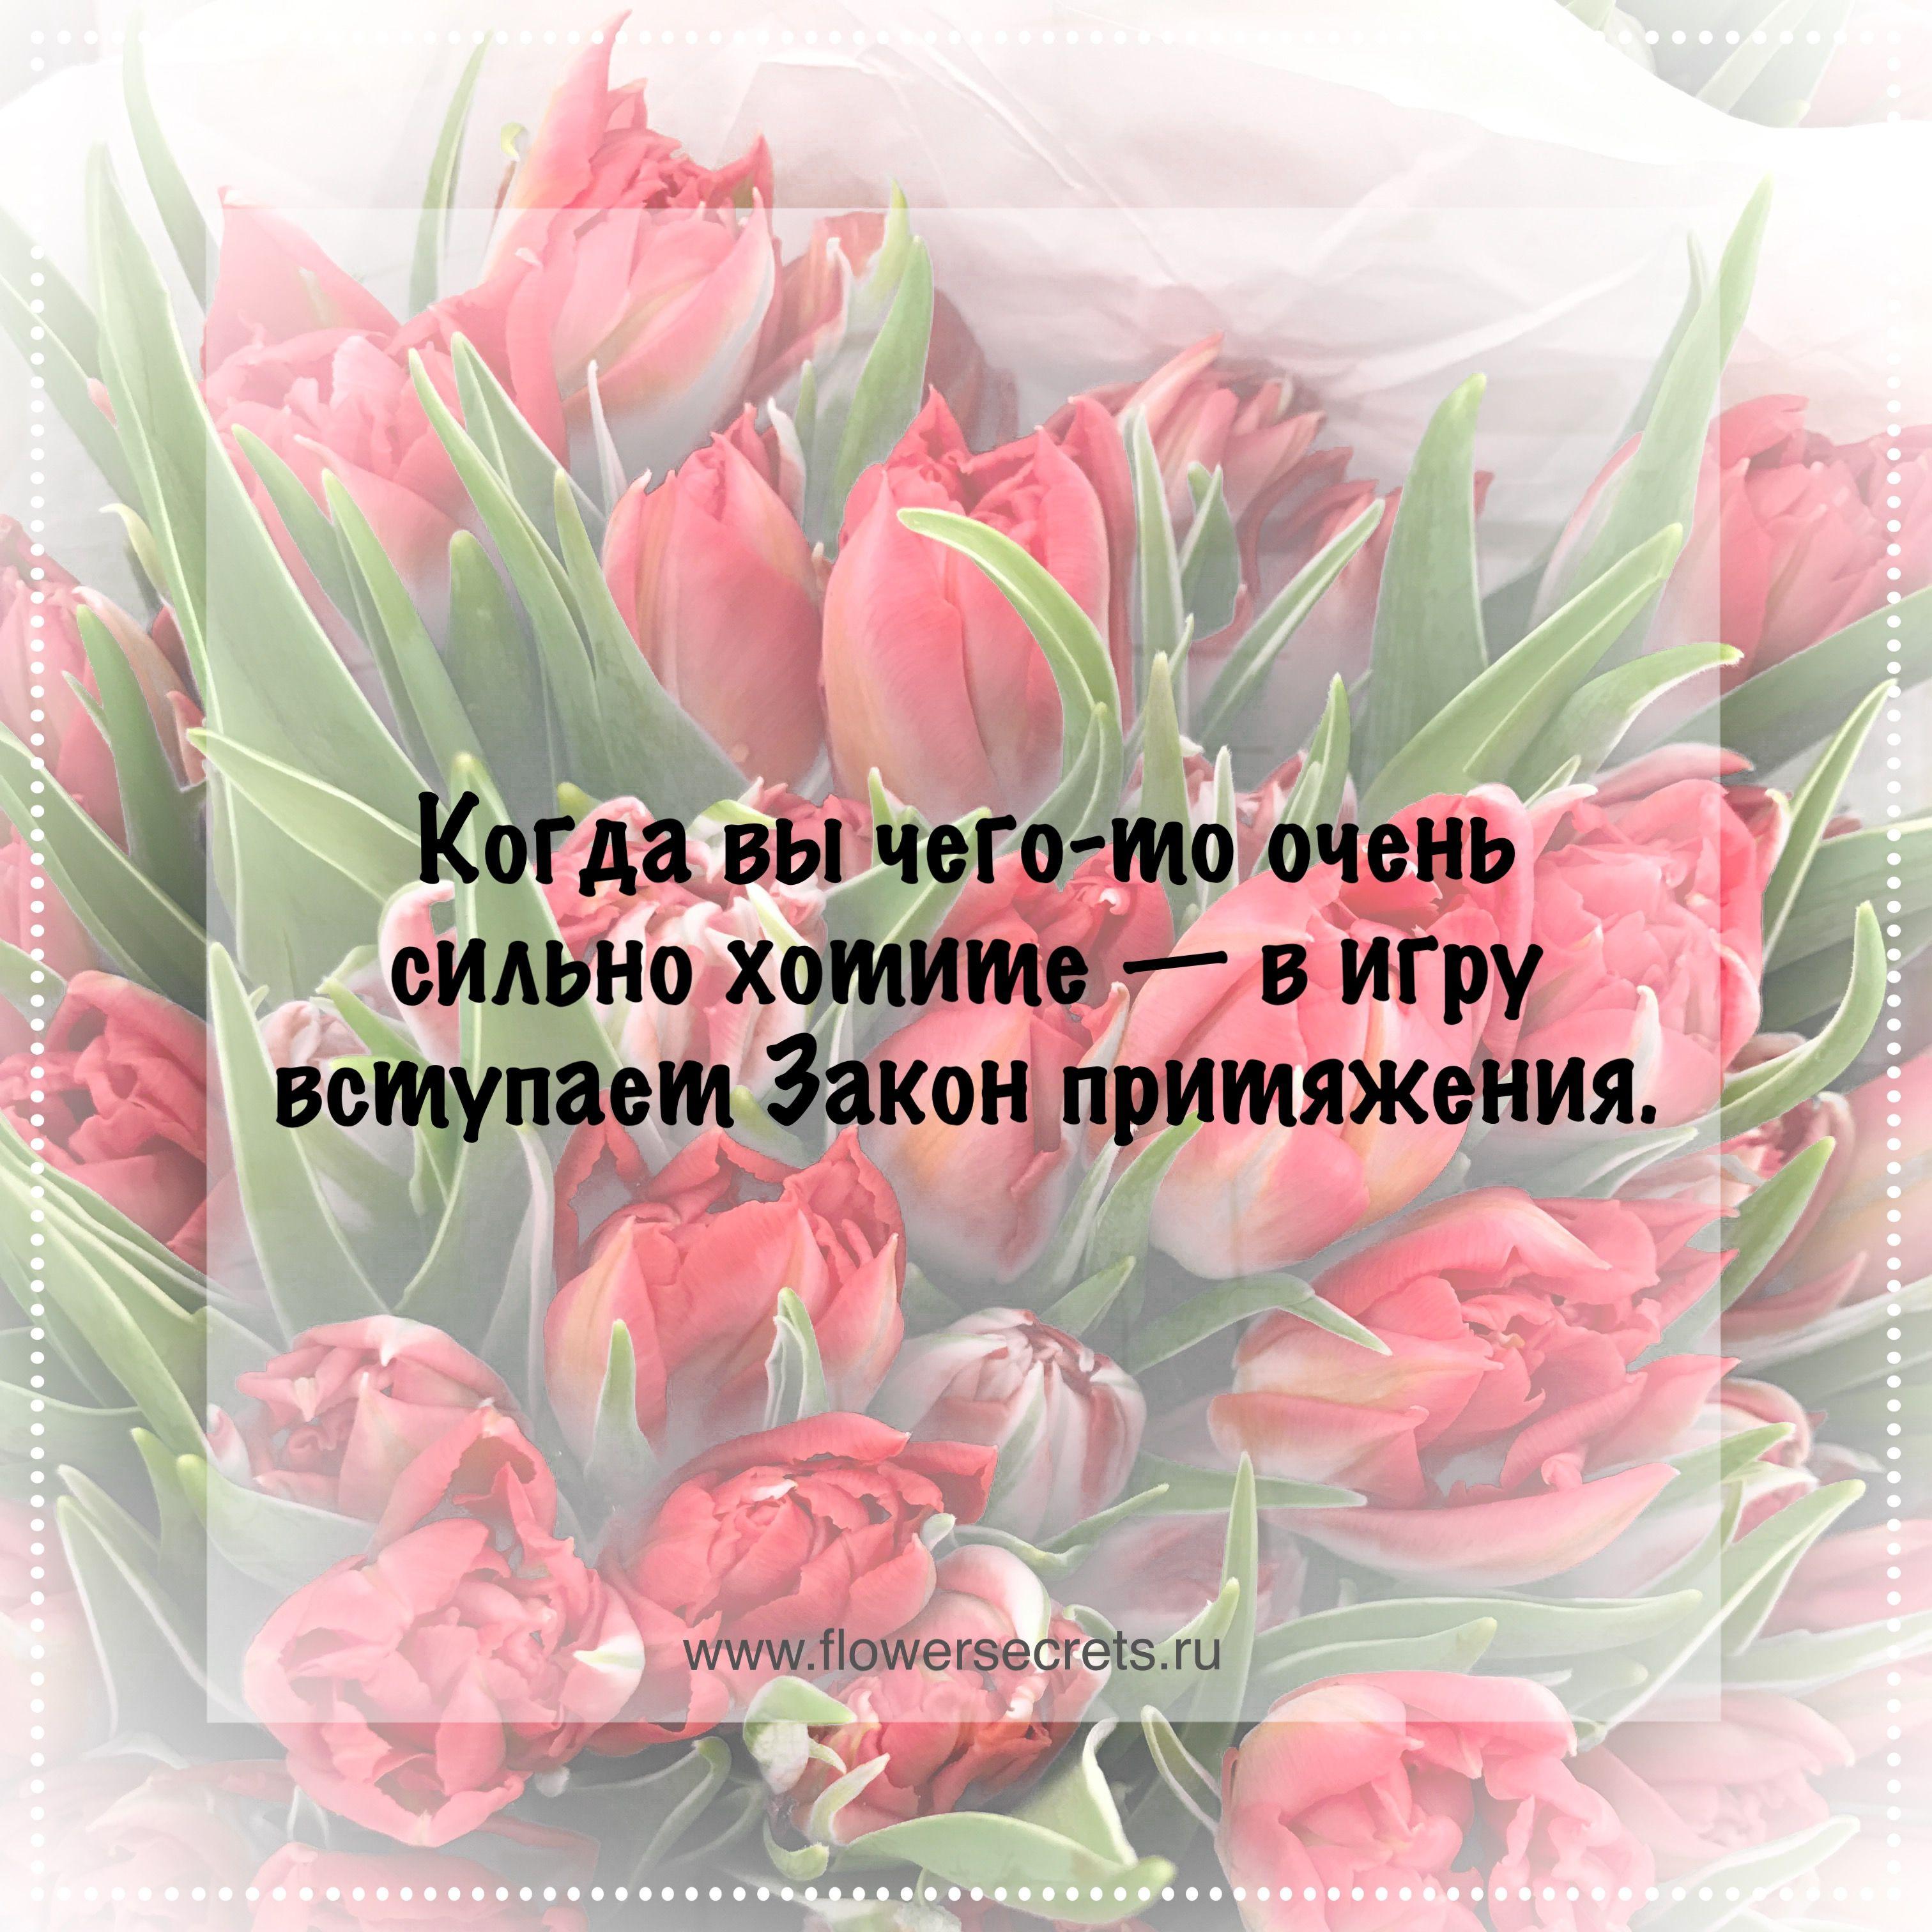 Цитата про цветок